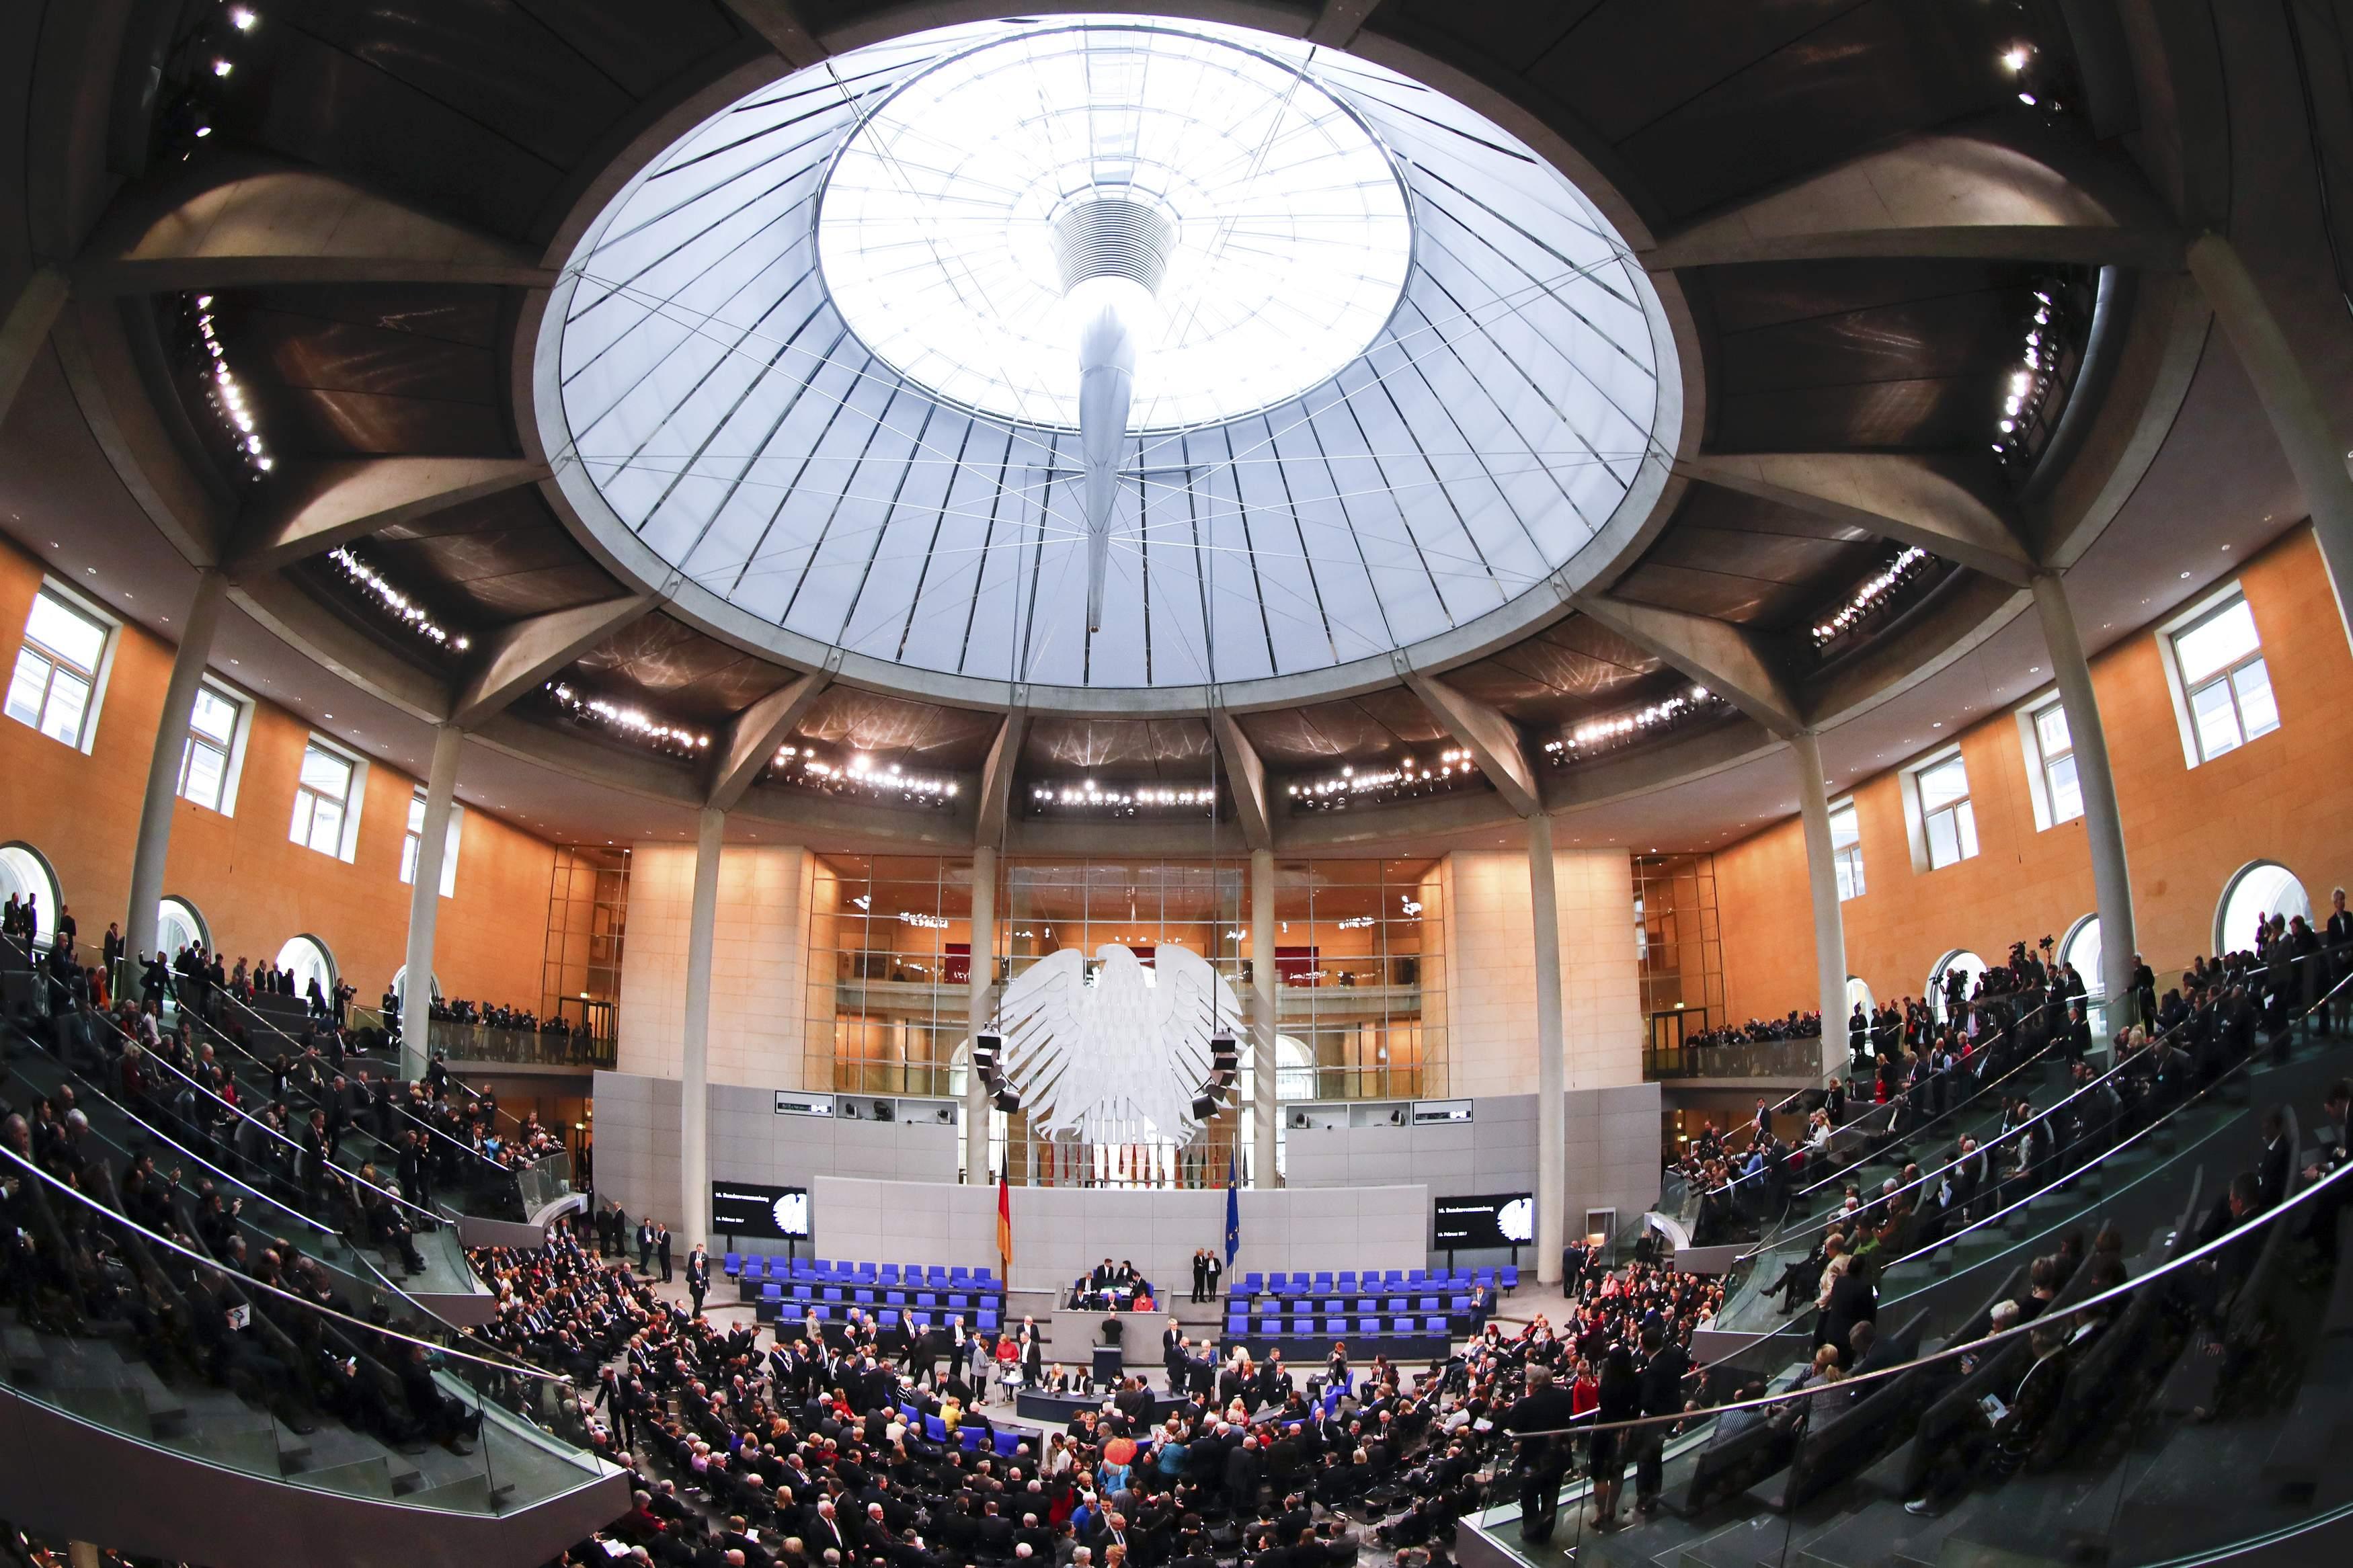 التصويت فى الانتخابات الألمانية فى البرلمان الألمانى  (1)